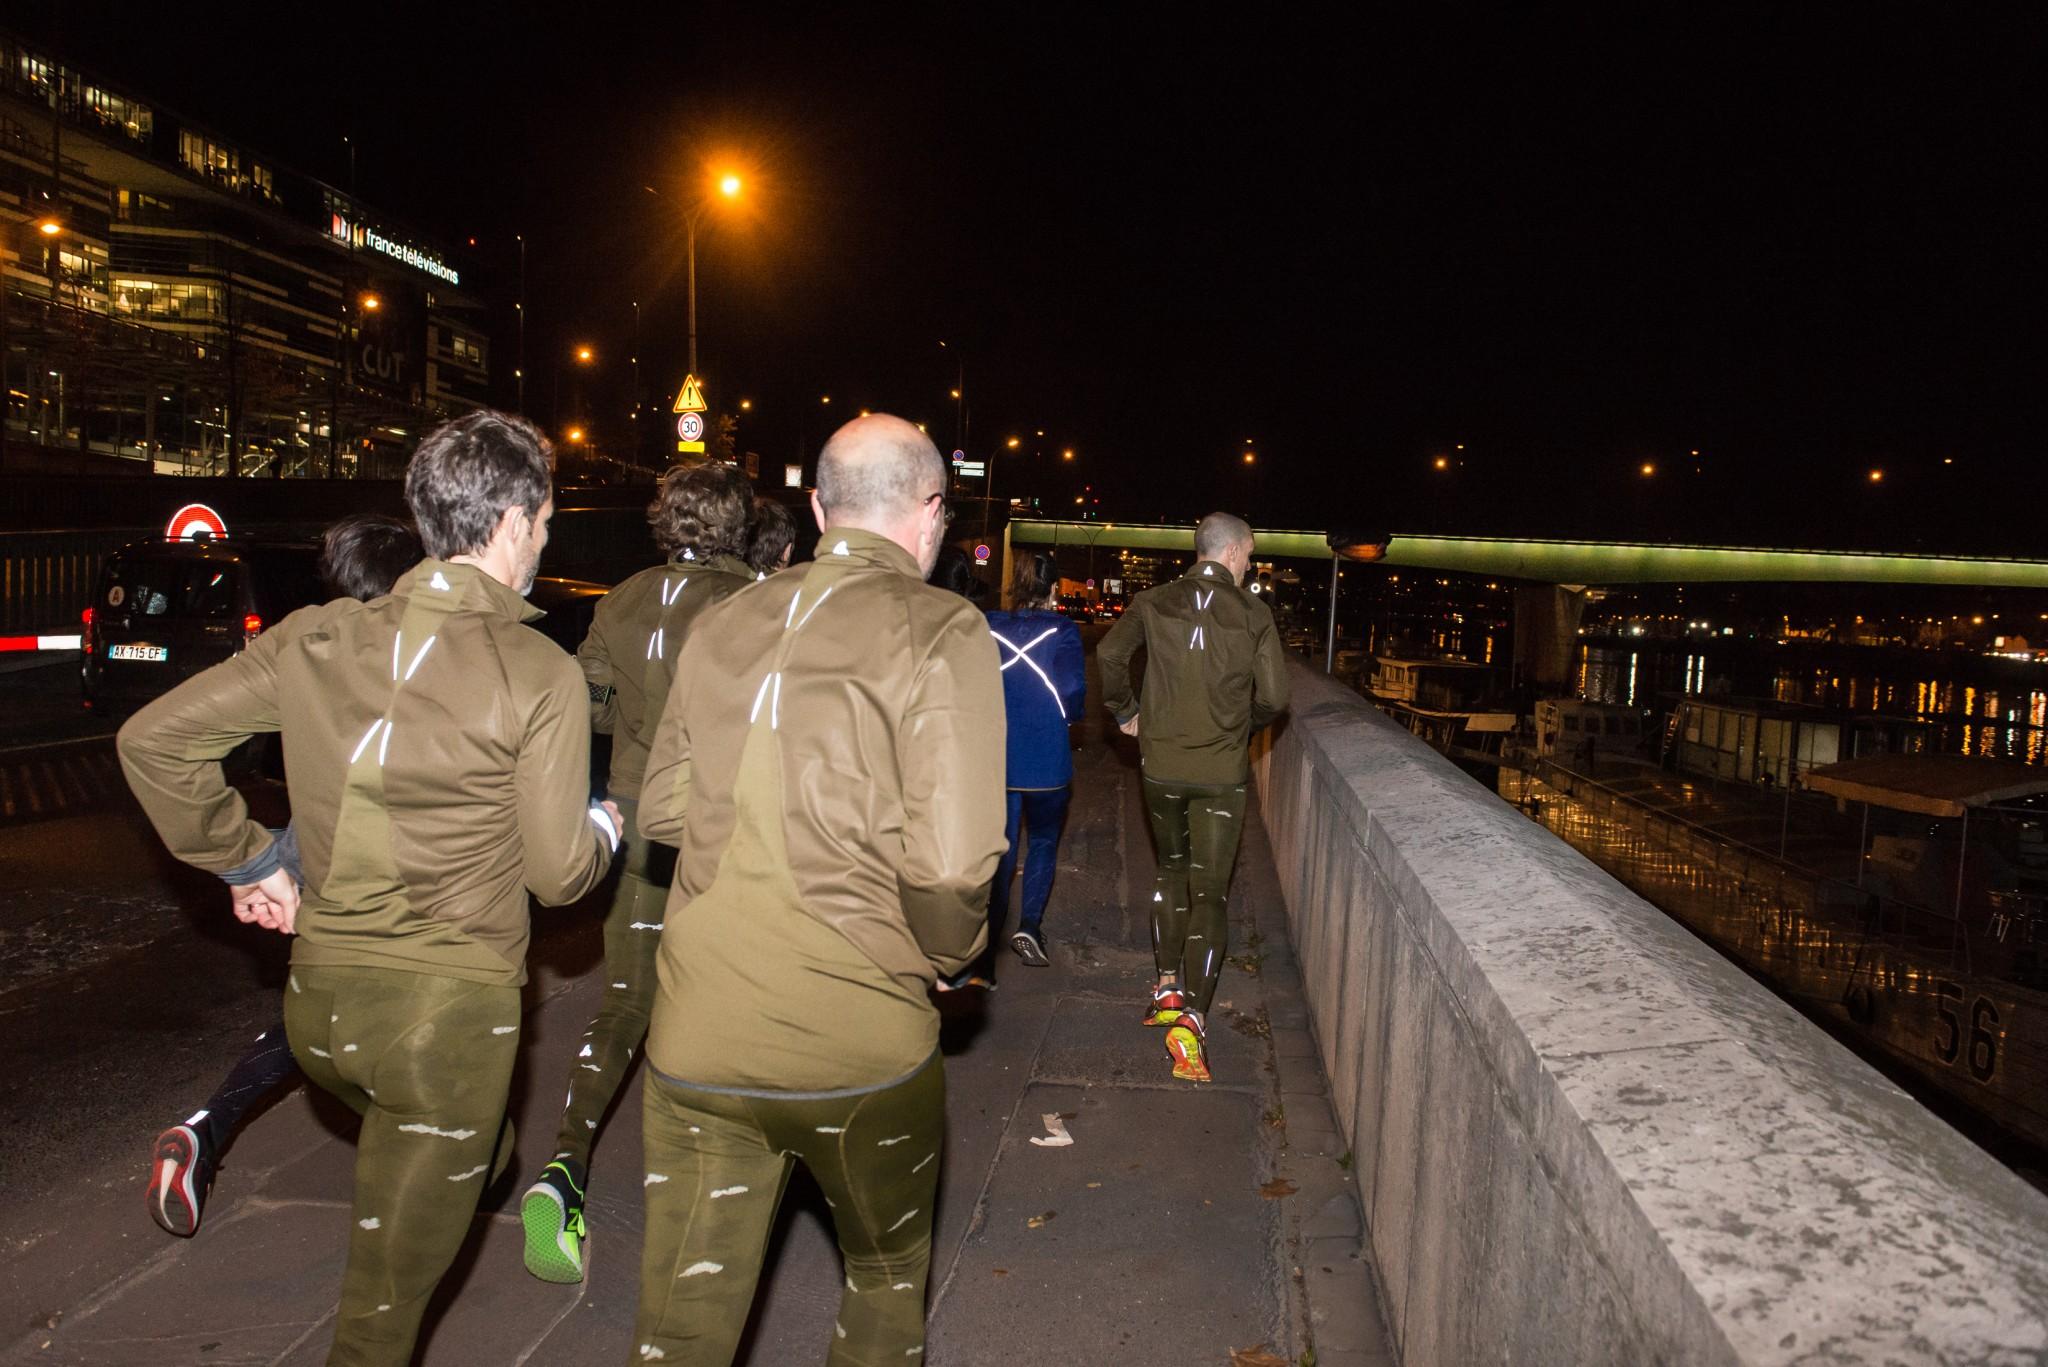 Les nouvelles vestes : couleurs « forêt » très trail running mais grosses bandes réfléchissantes pour courir en ville